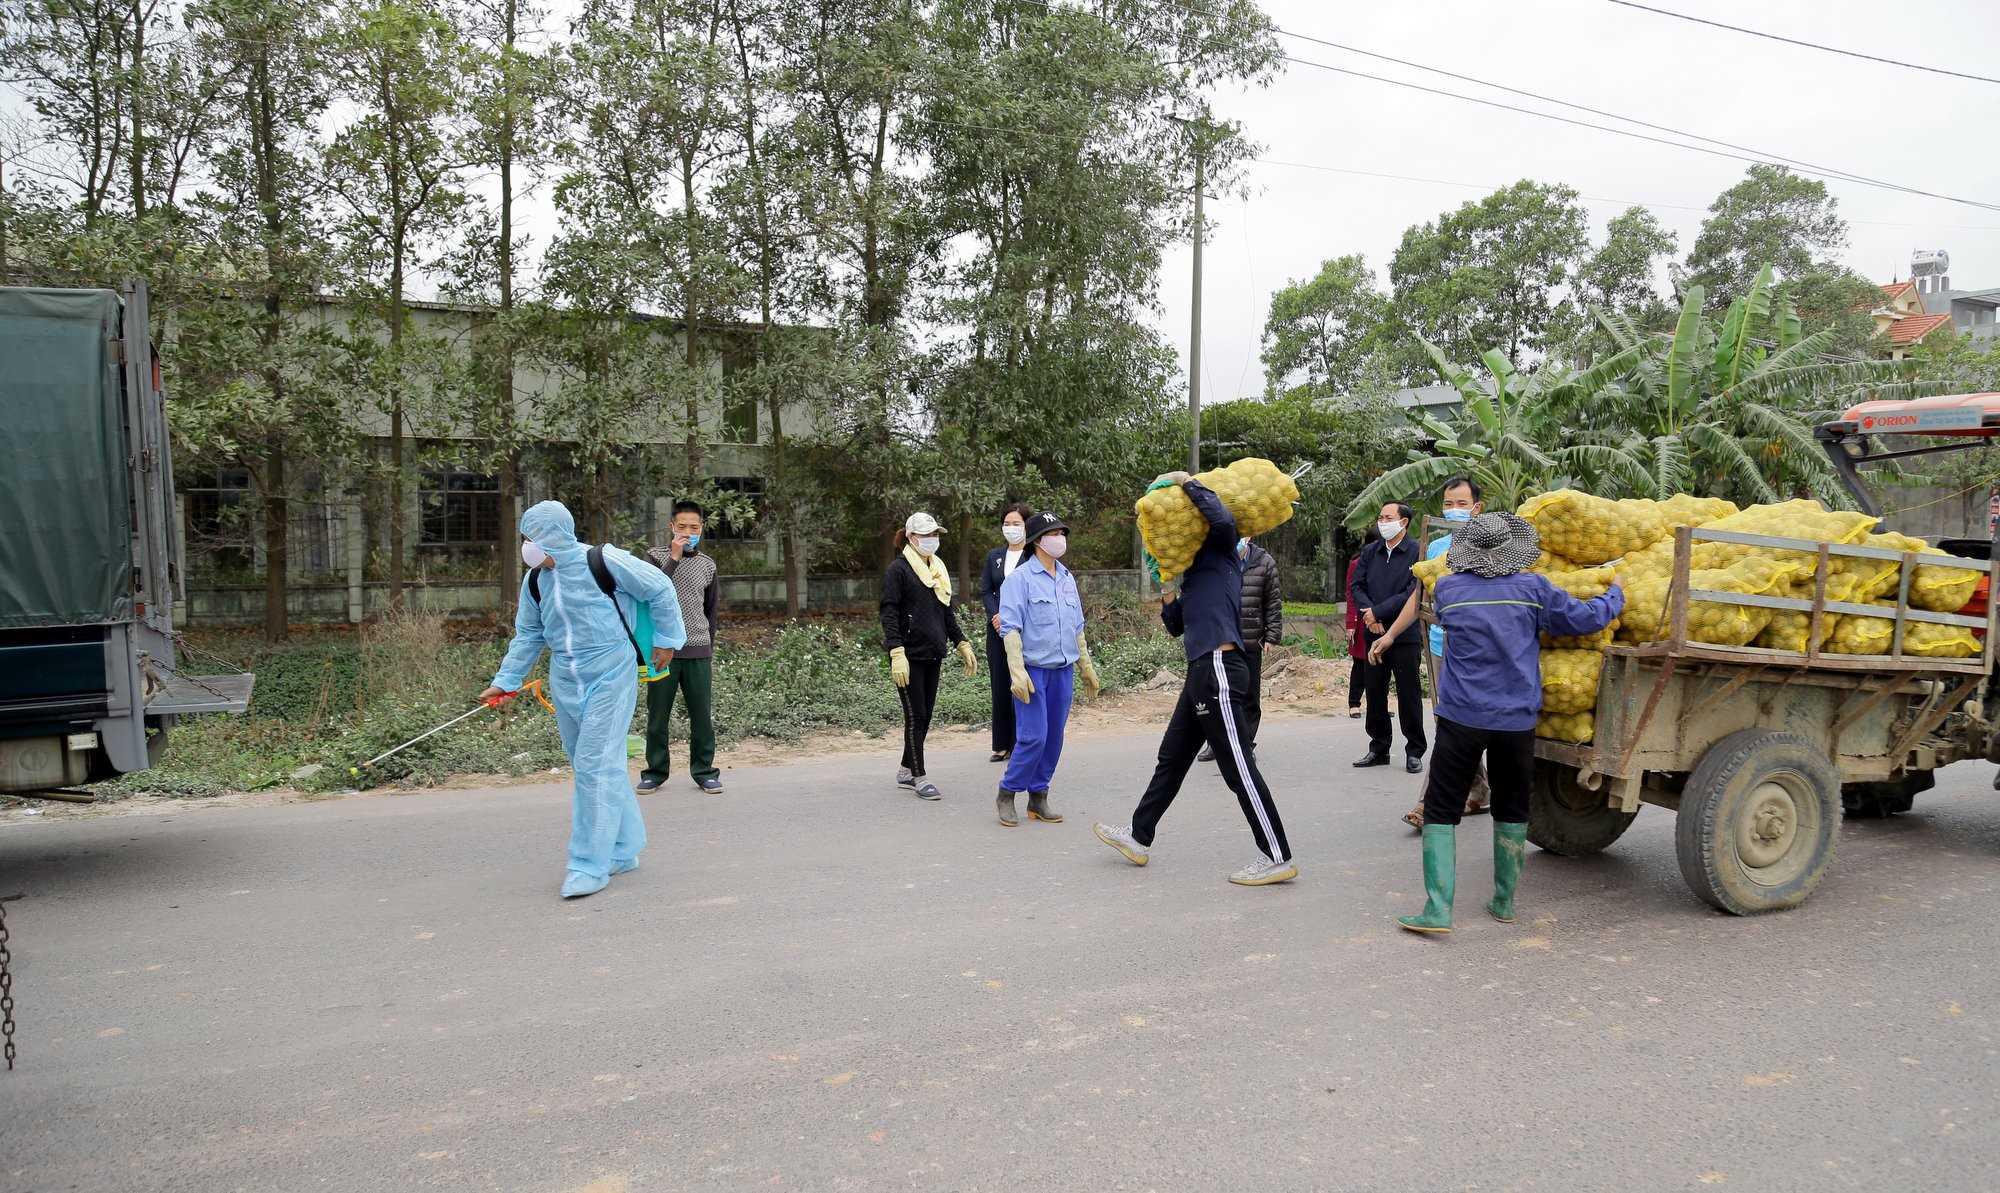 Quảng Ninh kết nối tiêu thụ thành công nông sản cho người dân bị ảnh hưởng bởi dịch Covid-19 - Ảnh 2.